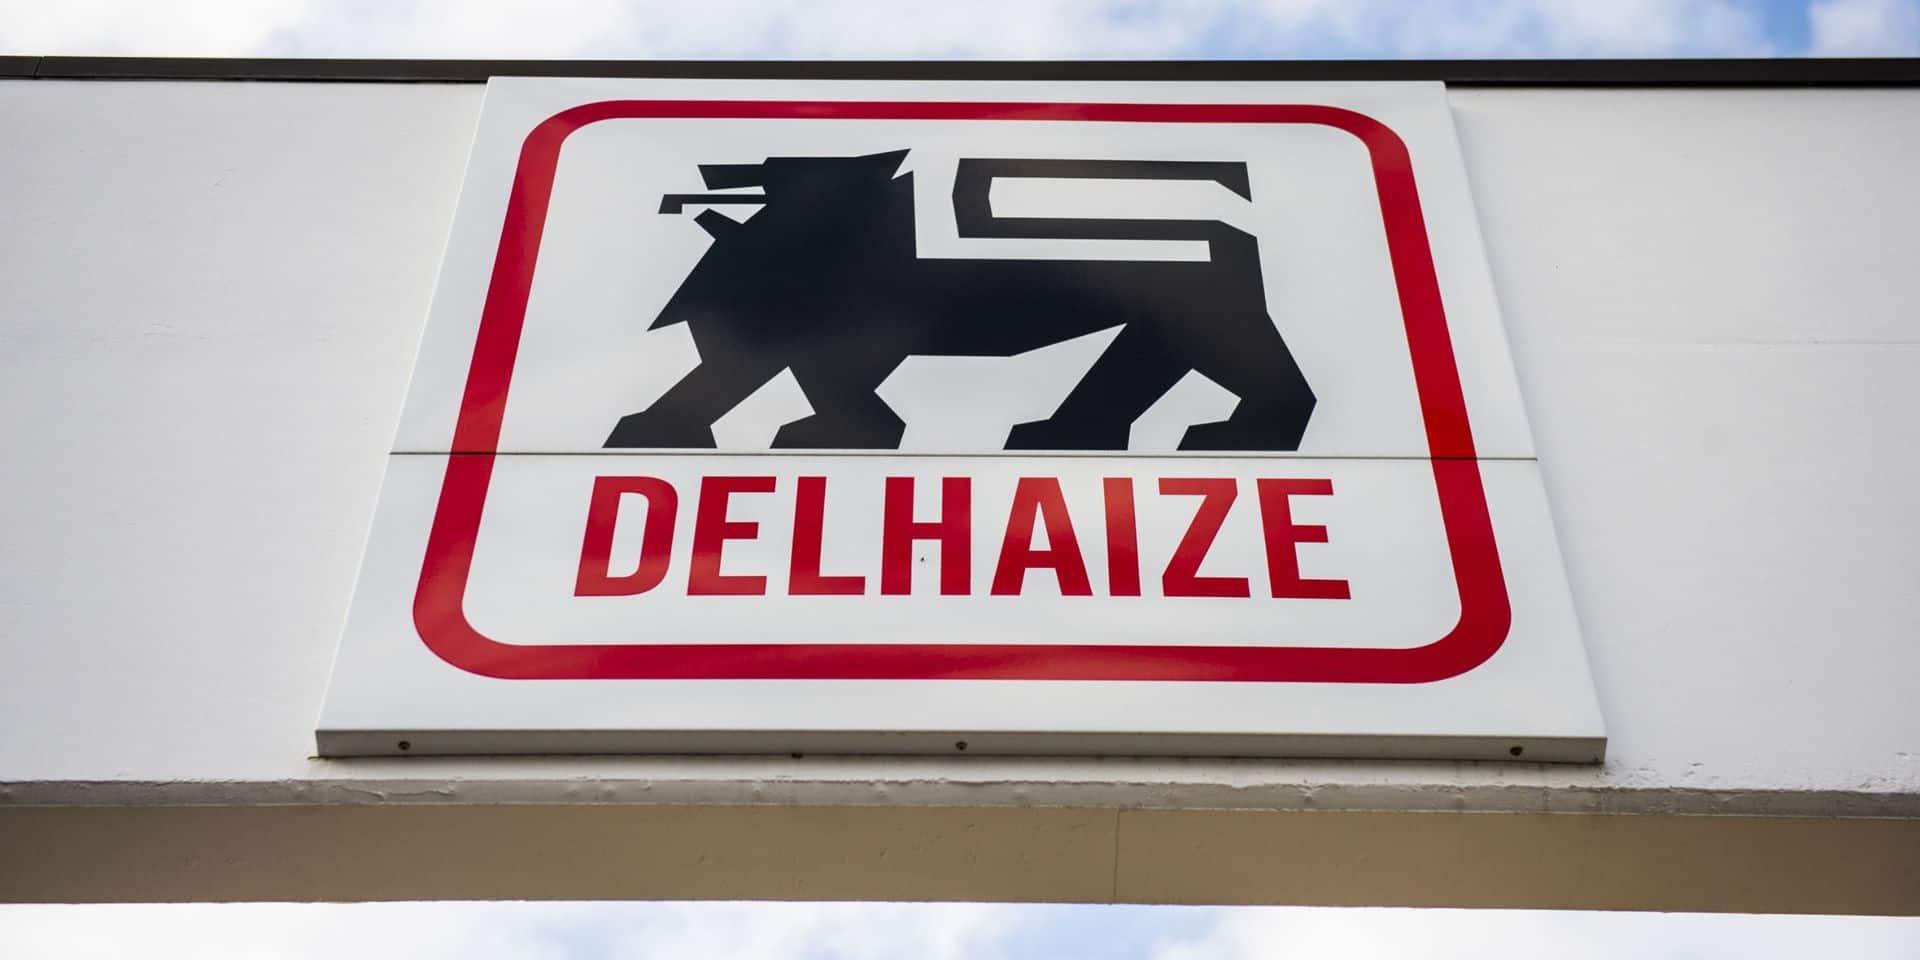 Delhaize change de nom et s'appellera désormais Belhaize